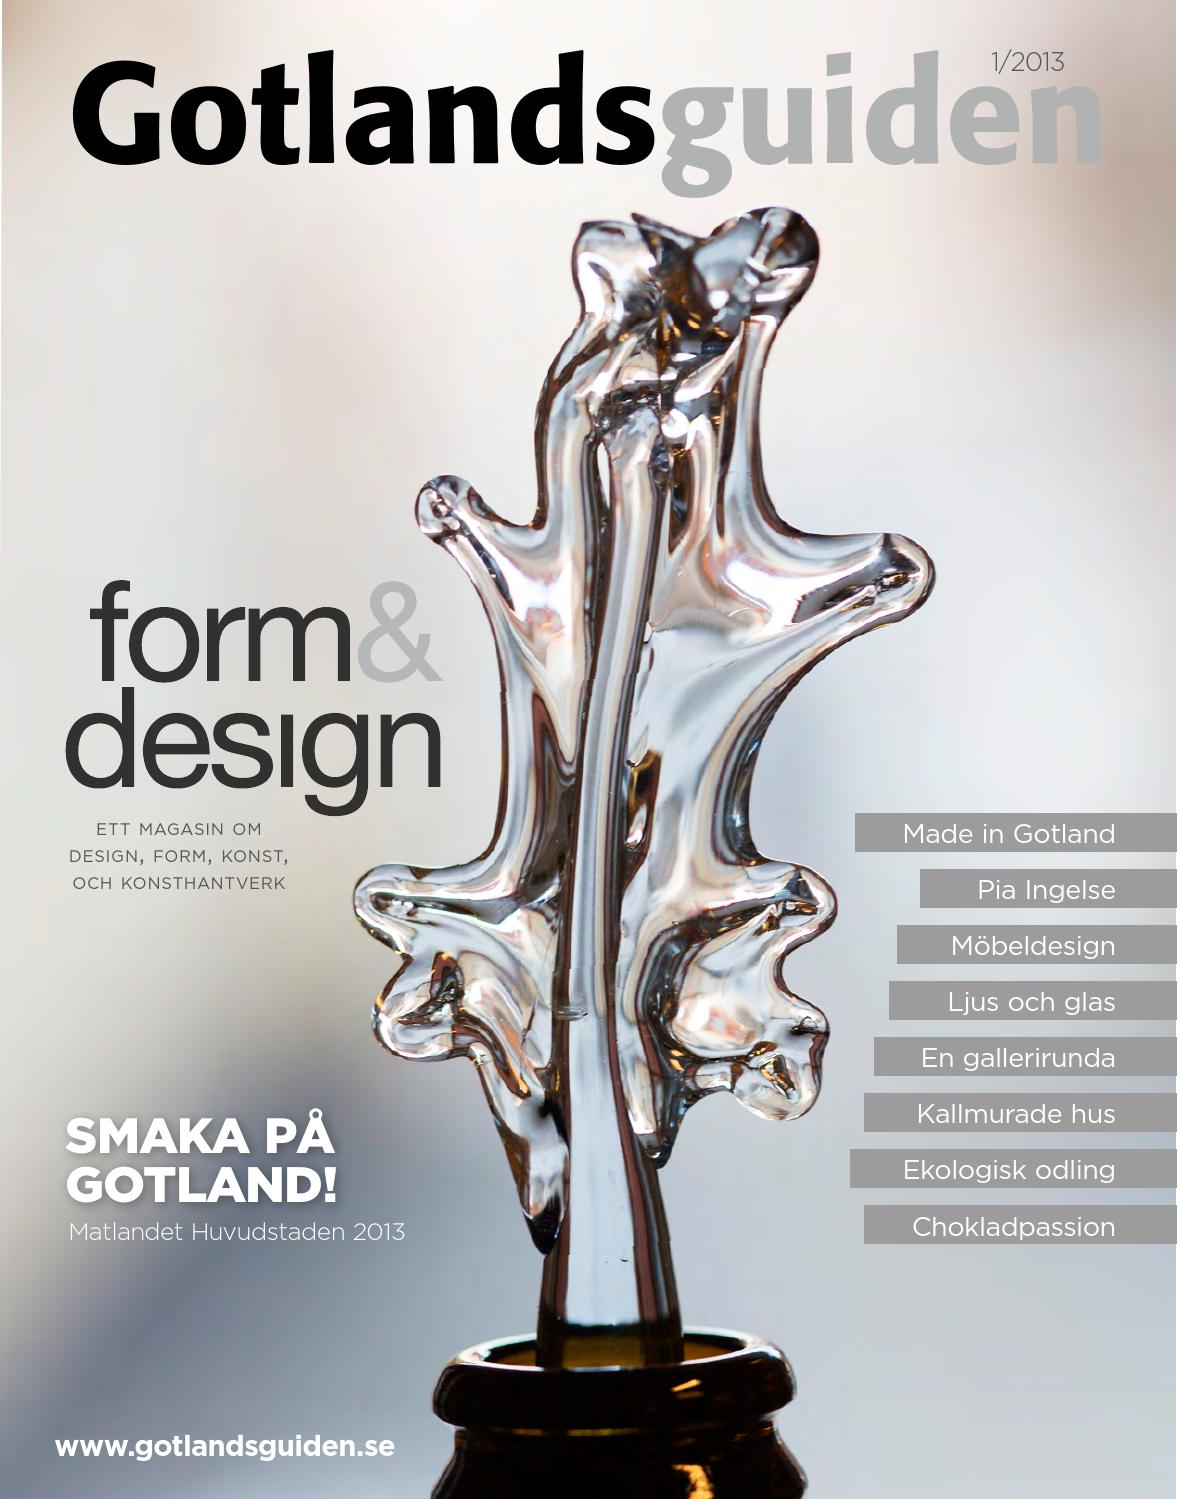 Gotlandsguiden form & design 2014 by gotlandsguiden   issuu